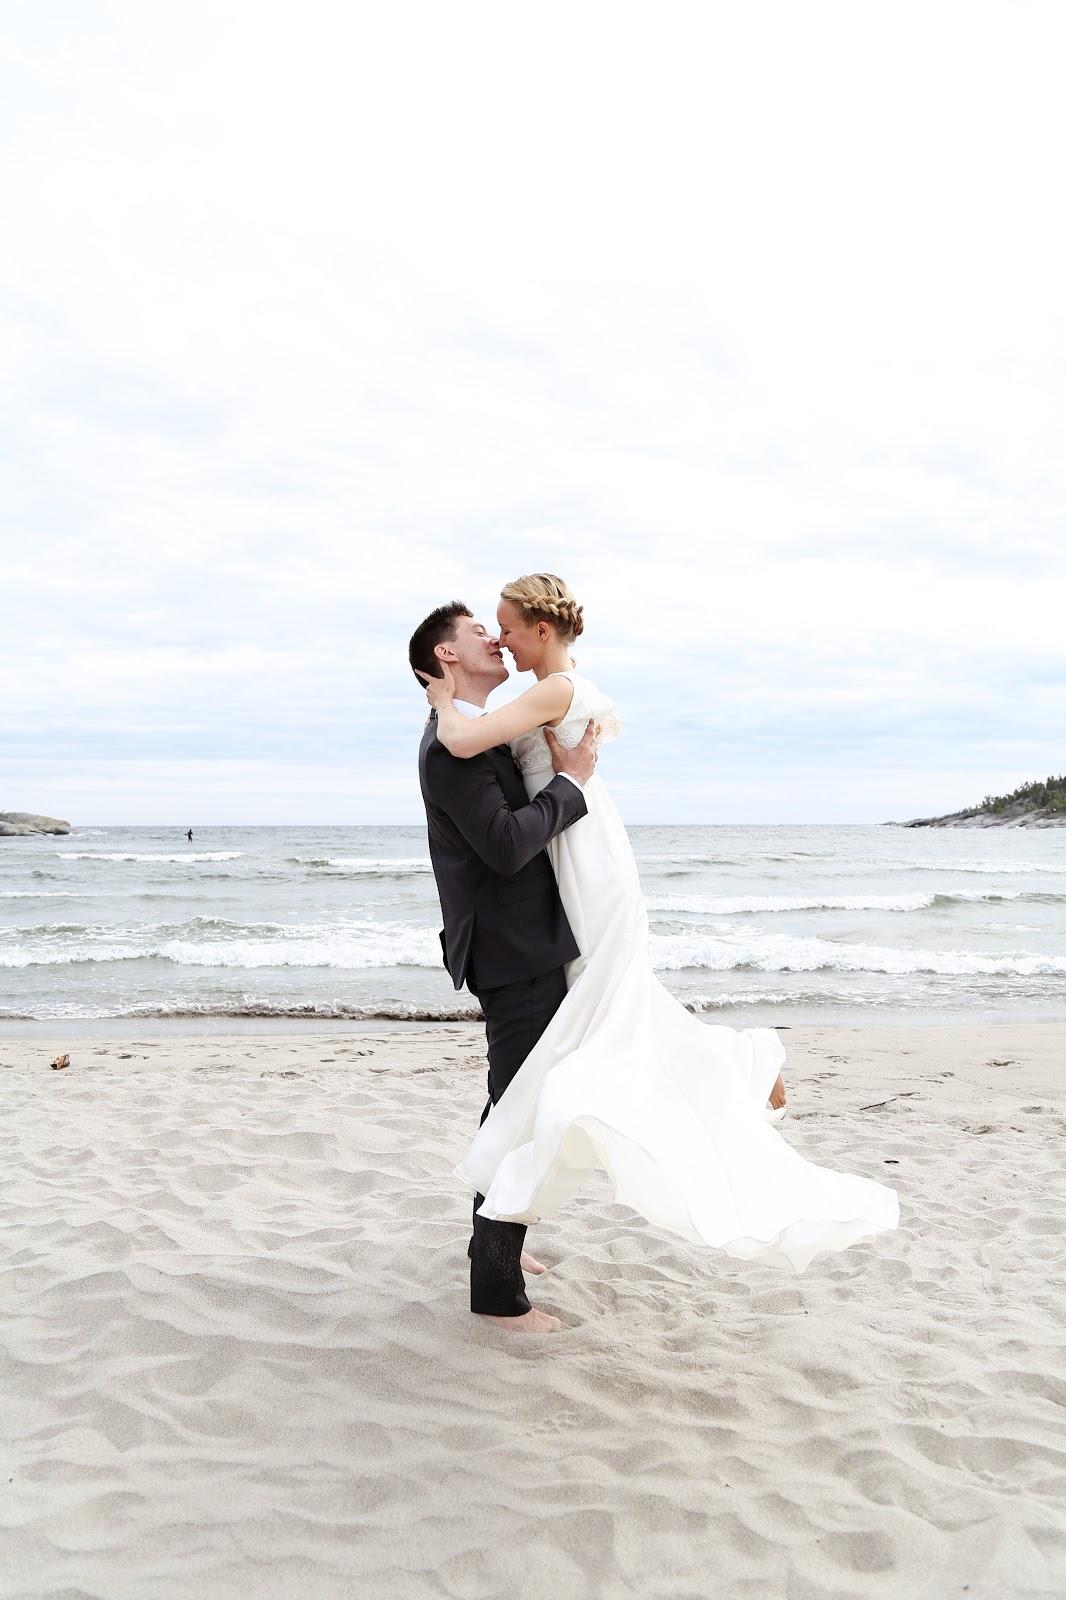 beach wedding, Härnösand, Smitingen, surfer, bröllopsfotograf Stockholm, fotograf Härnösand, fotograf Höga kusten, wedding photography, bröllop, fotograf Maria-Thérèse Sommar